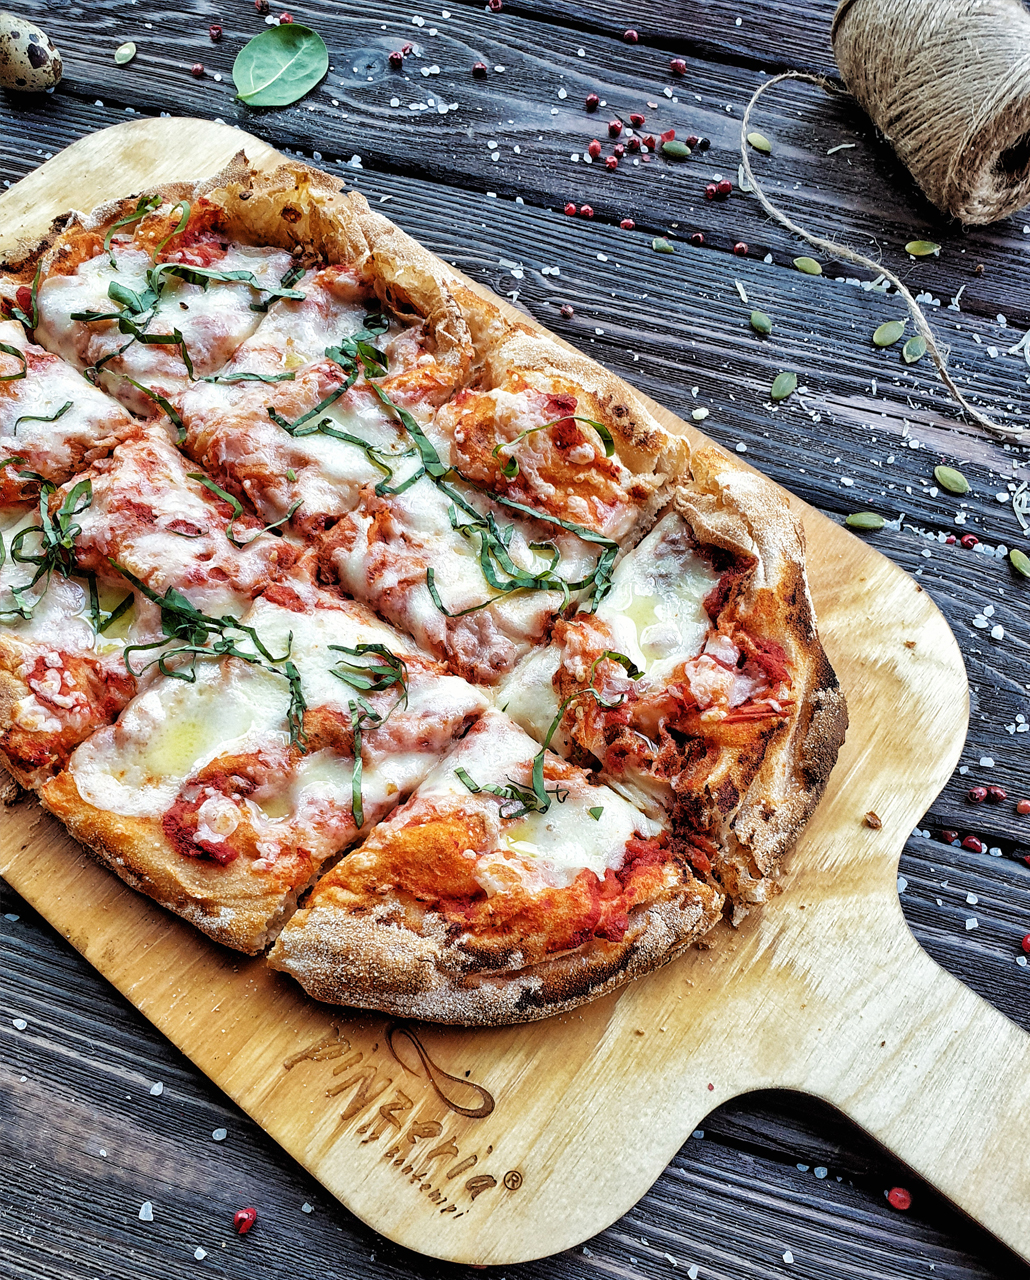 Пинца Маргарита Pinzeria by Bontempi Итальянский ресторан Волгоград пицца заказать